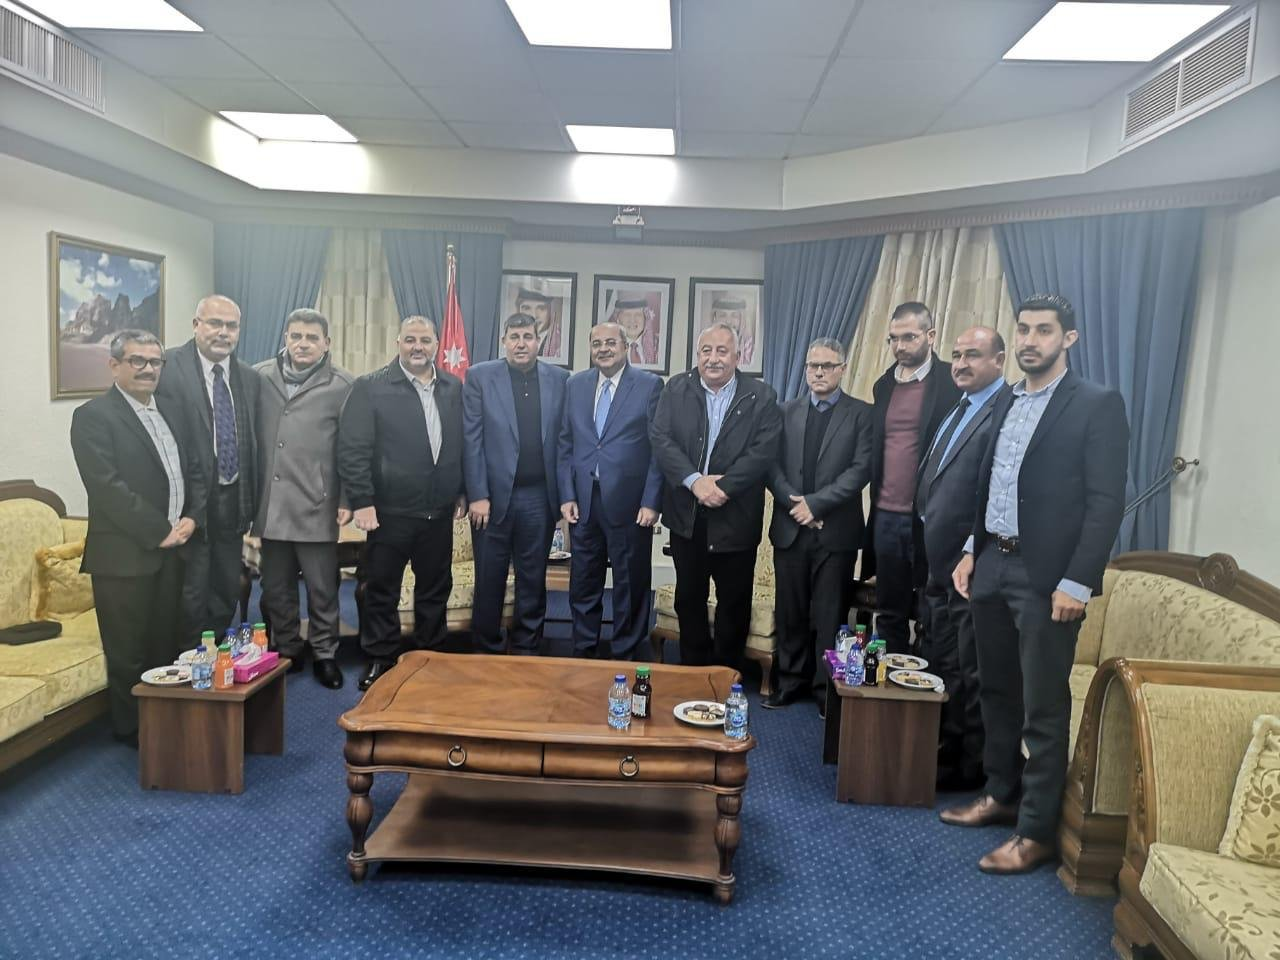 نواب لجنة القدس في المشتركة يطرحون قضايا الداخل والقدس خلال اجتماعهم بالبرلمان الأردني-2